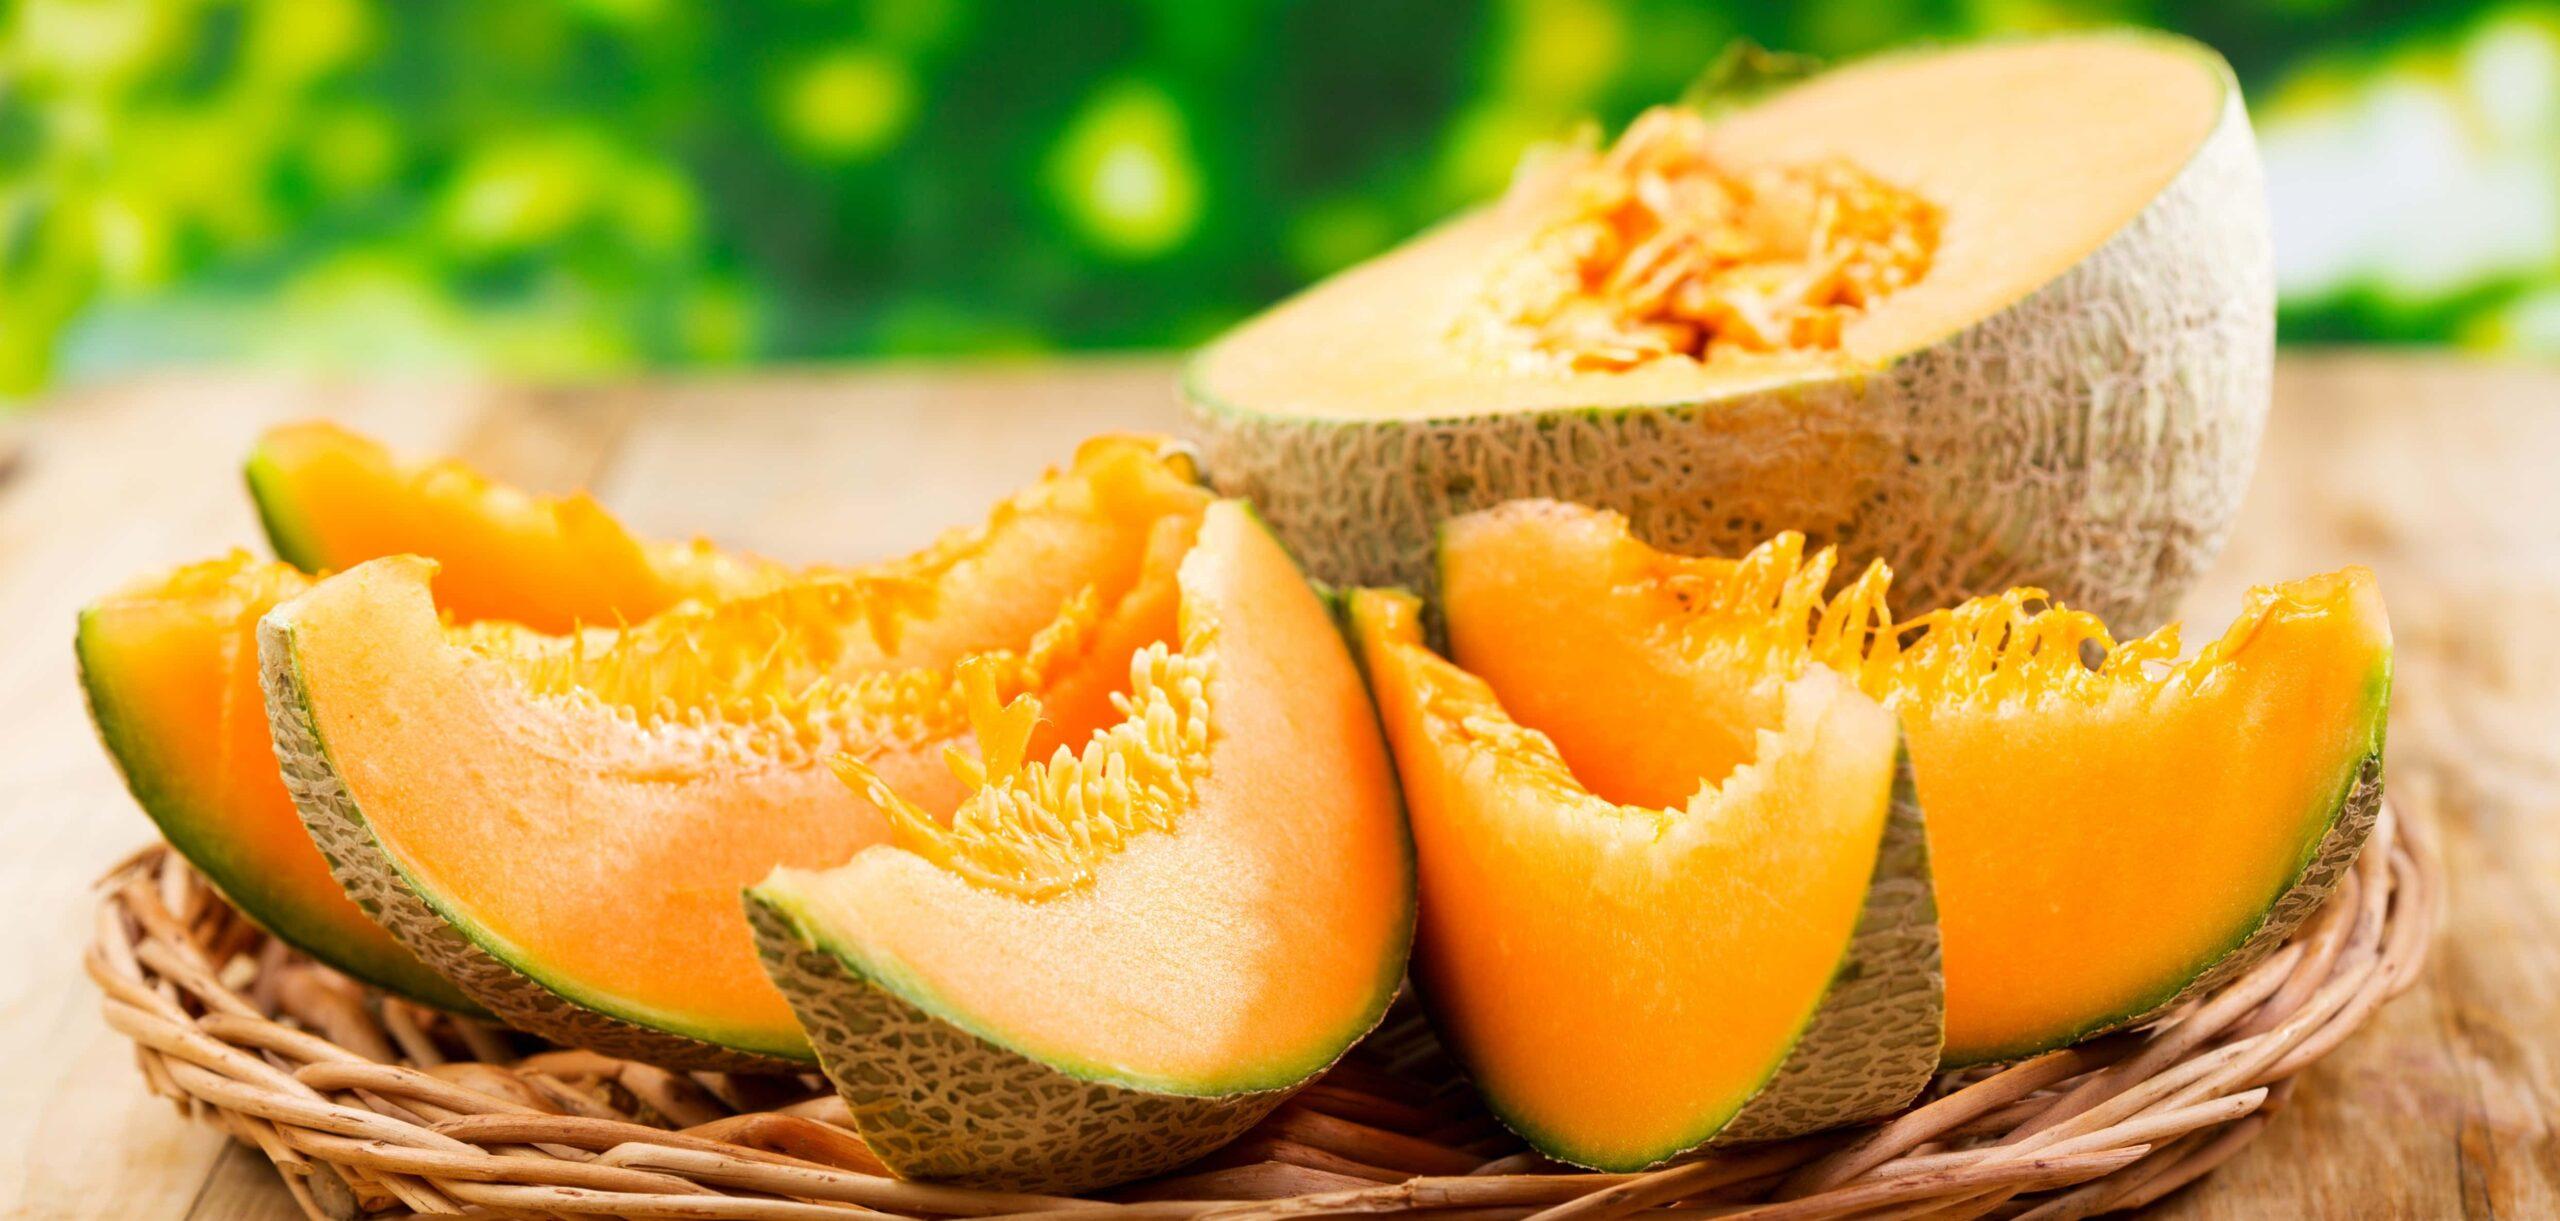 proprietà e benefici del melone